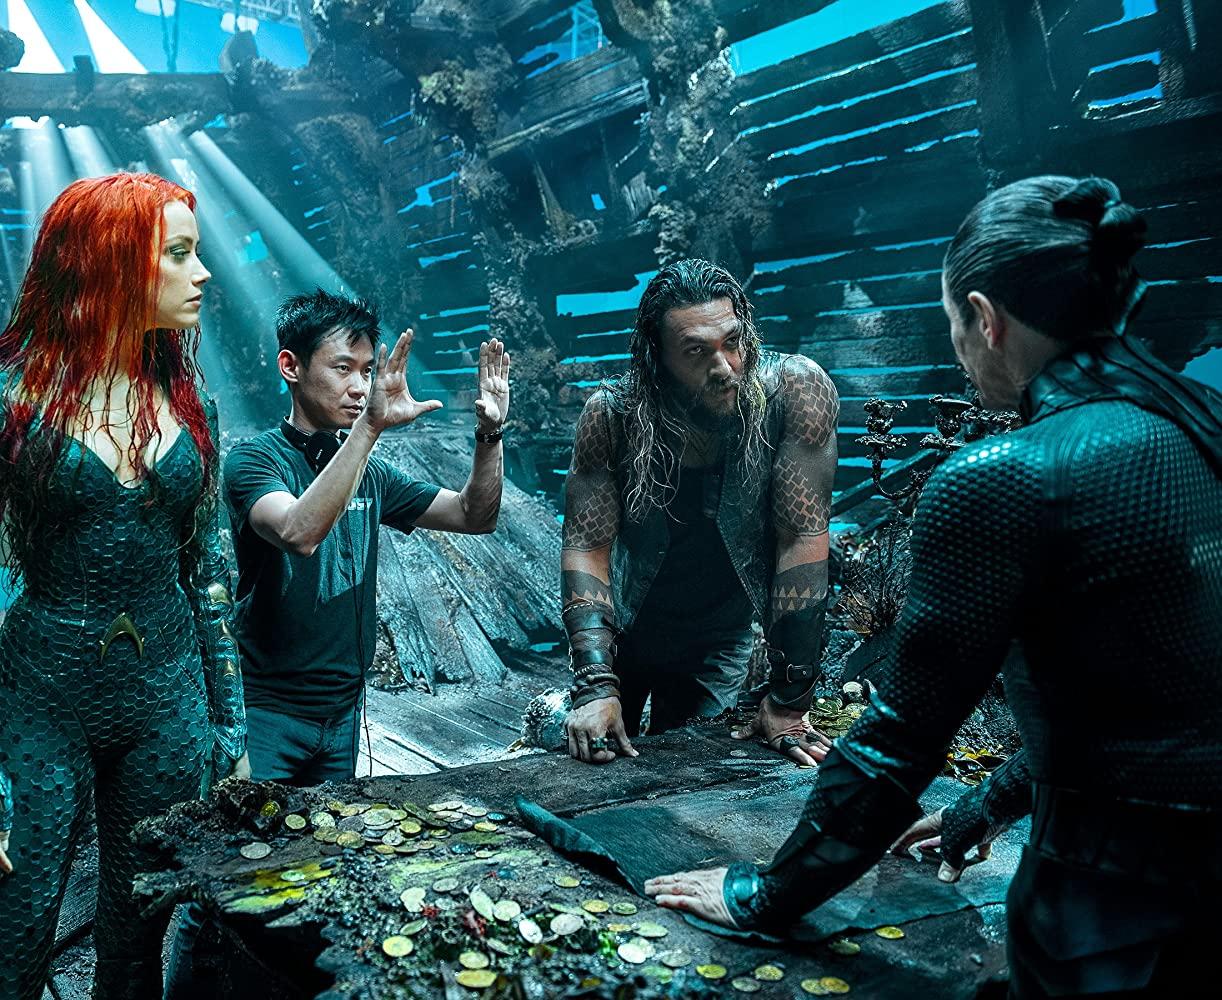 Amber Heard como Mera, el director James Wan, Jason Momoa como Arthur Curry/Orin/Aquaman y Willem Dafoe como Nuidis Vulko en el set de Aquaman (2018). Imagen: Warner Bros. Entertainment